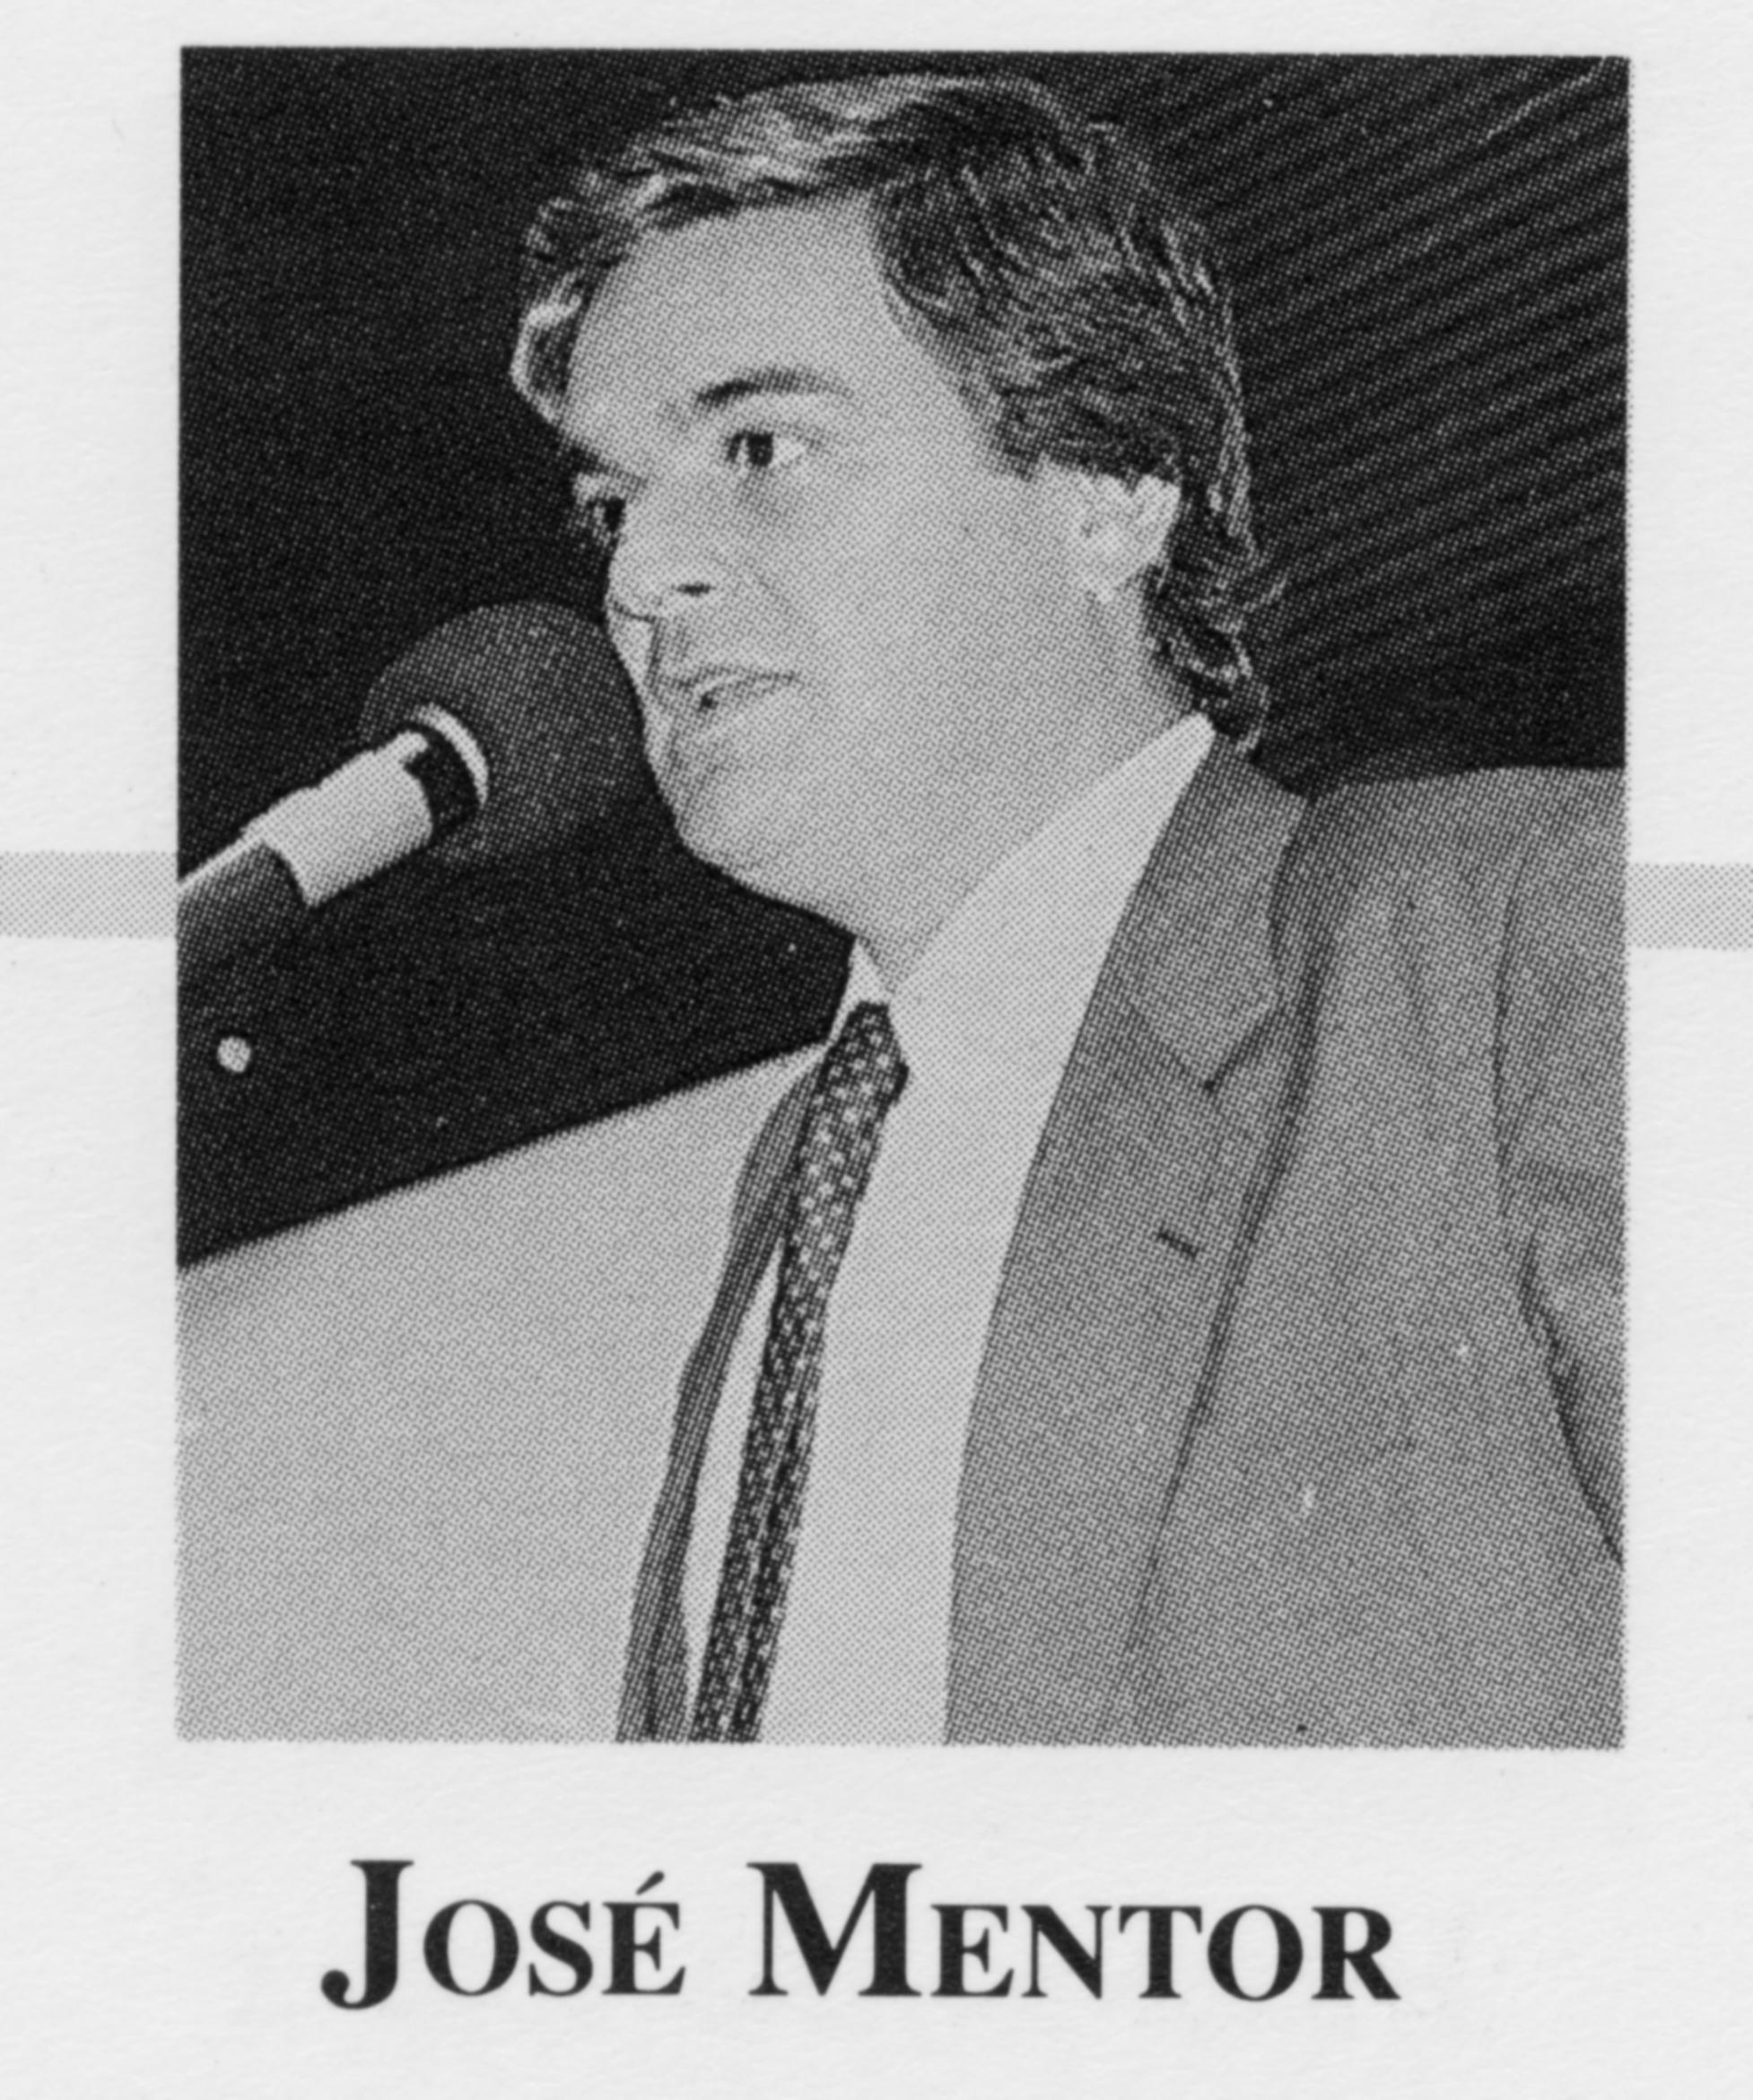 José Mentor